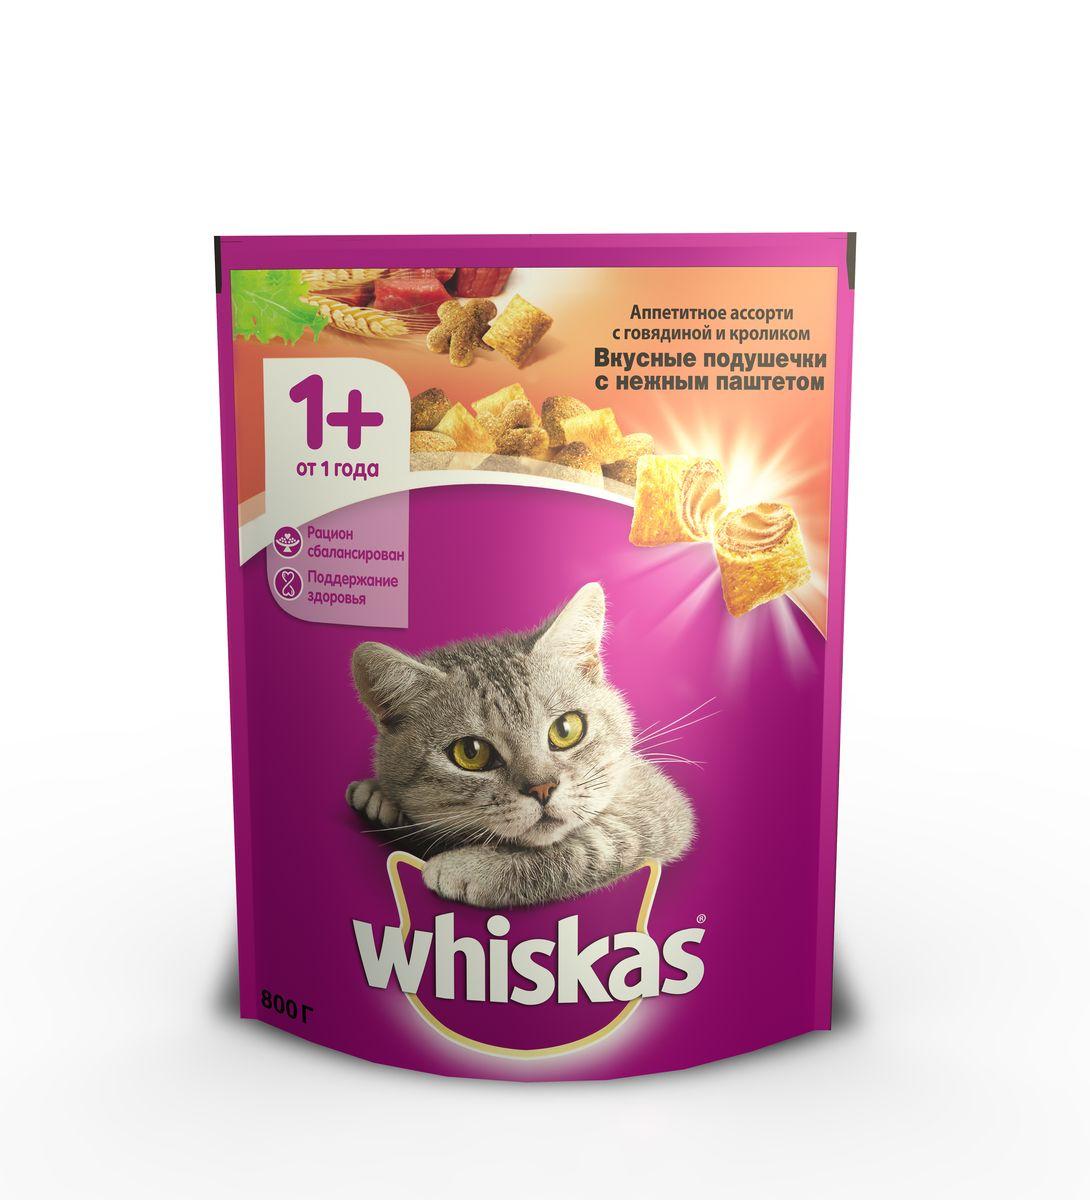 Корм сухой Whiskas для взрослых кошек, подушечки с паштетом с говядиной и кроликом, 800 г41356Корм сухой Whiskas - это полнорационный сухой корм для взрослых кошек от 1 года. Вашей кошке обязательно понравятся вкусные подушечки с аппетитной хрустящей корочкой снаружи и нежным паштетом внутри. В составе корма есть все, чтобы позаботиться о вашей любимице, ведь ее рацион должен быть не только вкусным, но и тщательно сбалансированным. В корме в правильных пропорциях собраны все необходимые витамины и минералы, белки, жиры и углеводы, чтобы поддержать ее здоровье. Особенности: - Оптимальное соотношение питательных веществ и нутриентов для поддержания обмена веществ; - Витамин Е и цинк для иммунитета; - Омега-6 и цинк для здоровья кожи и шерсти; - Баланс кальция и фосфора для здоровья костей; - Витамин А и таурин для хорошего зрения; - Высокоусвояемые ингредиенты и клетчатка для пищеварения; - Сухая текстура корма для удаления зубного налета. Состав: пшеничная мука, мука животного происхождения: мука из птицы,...